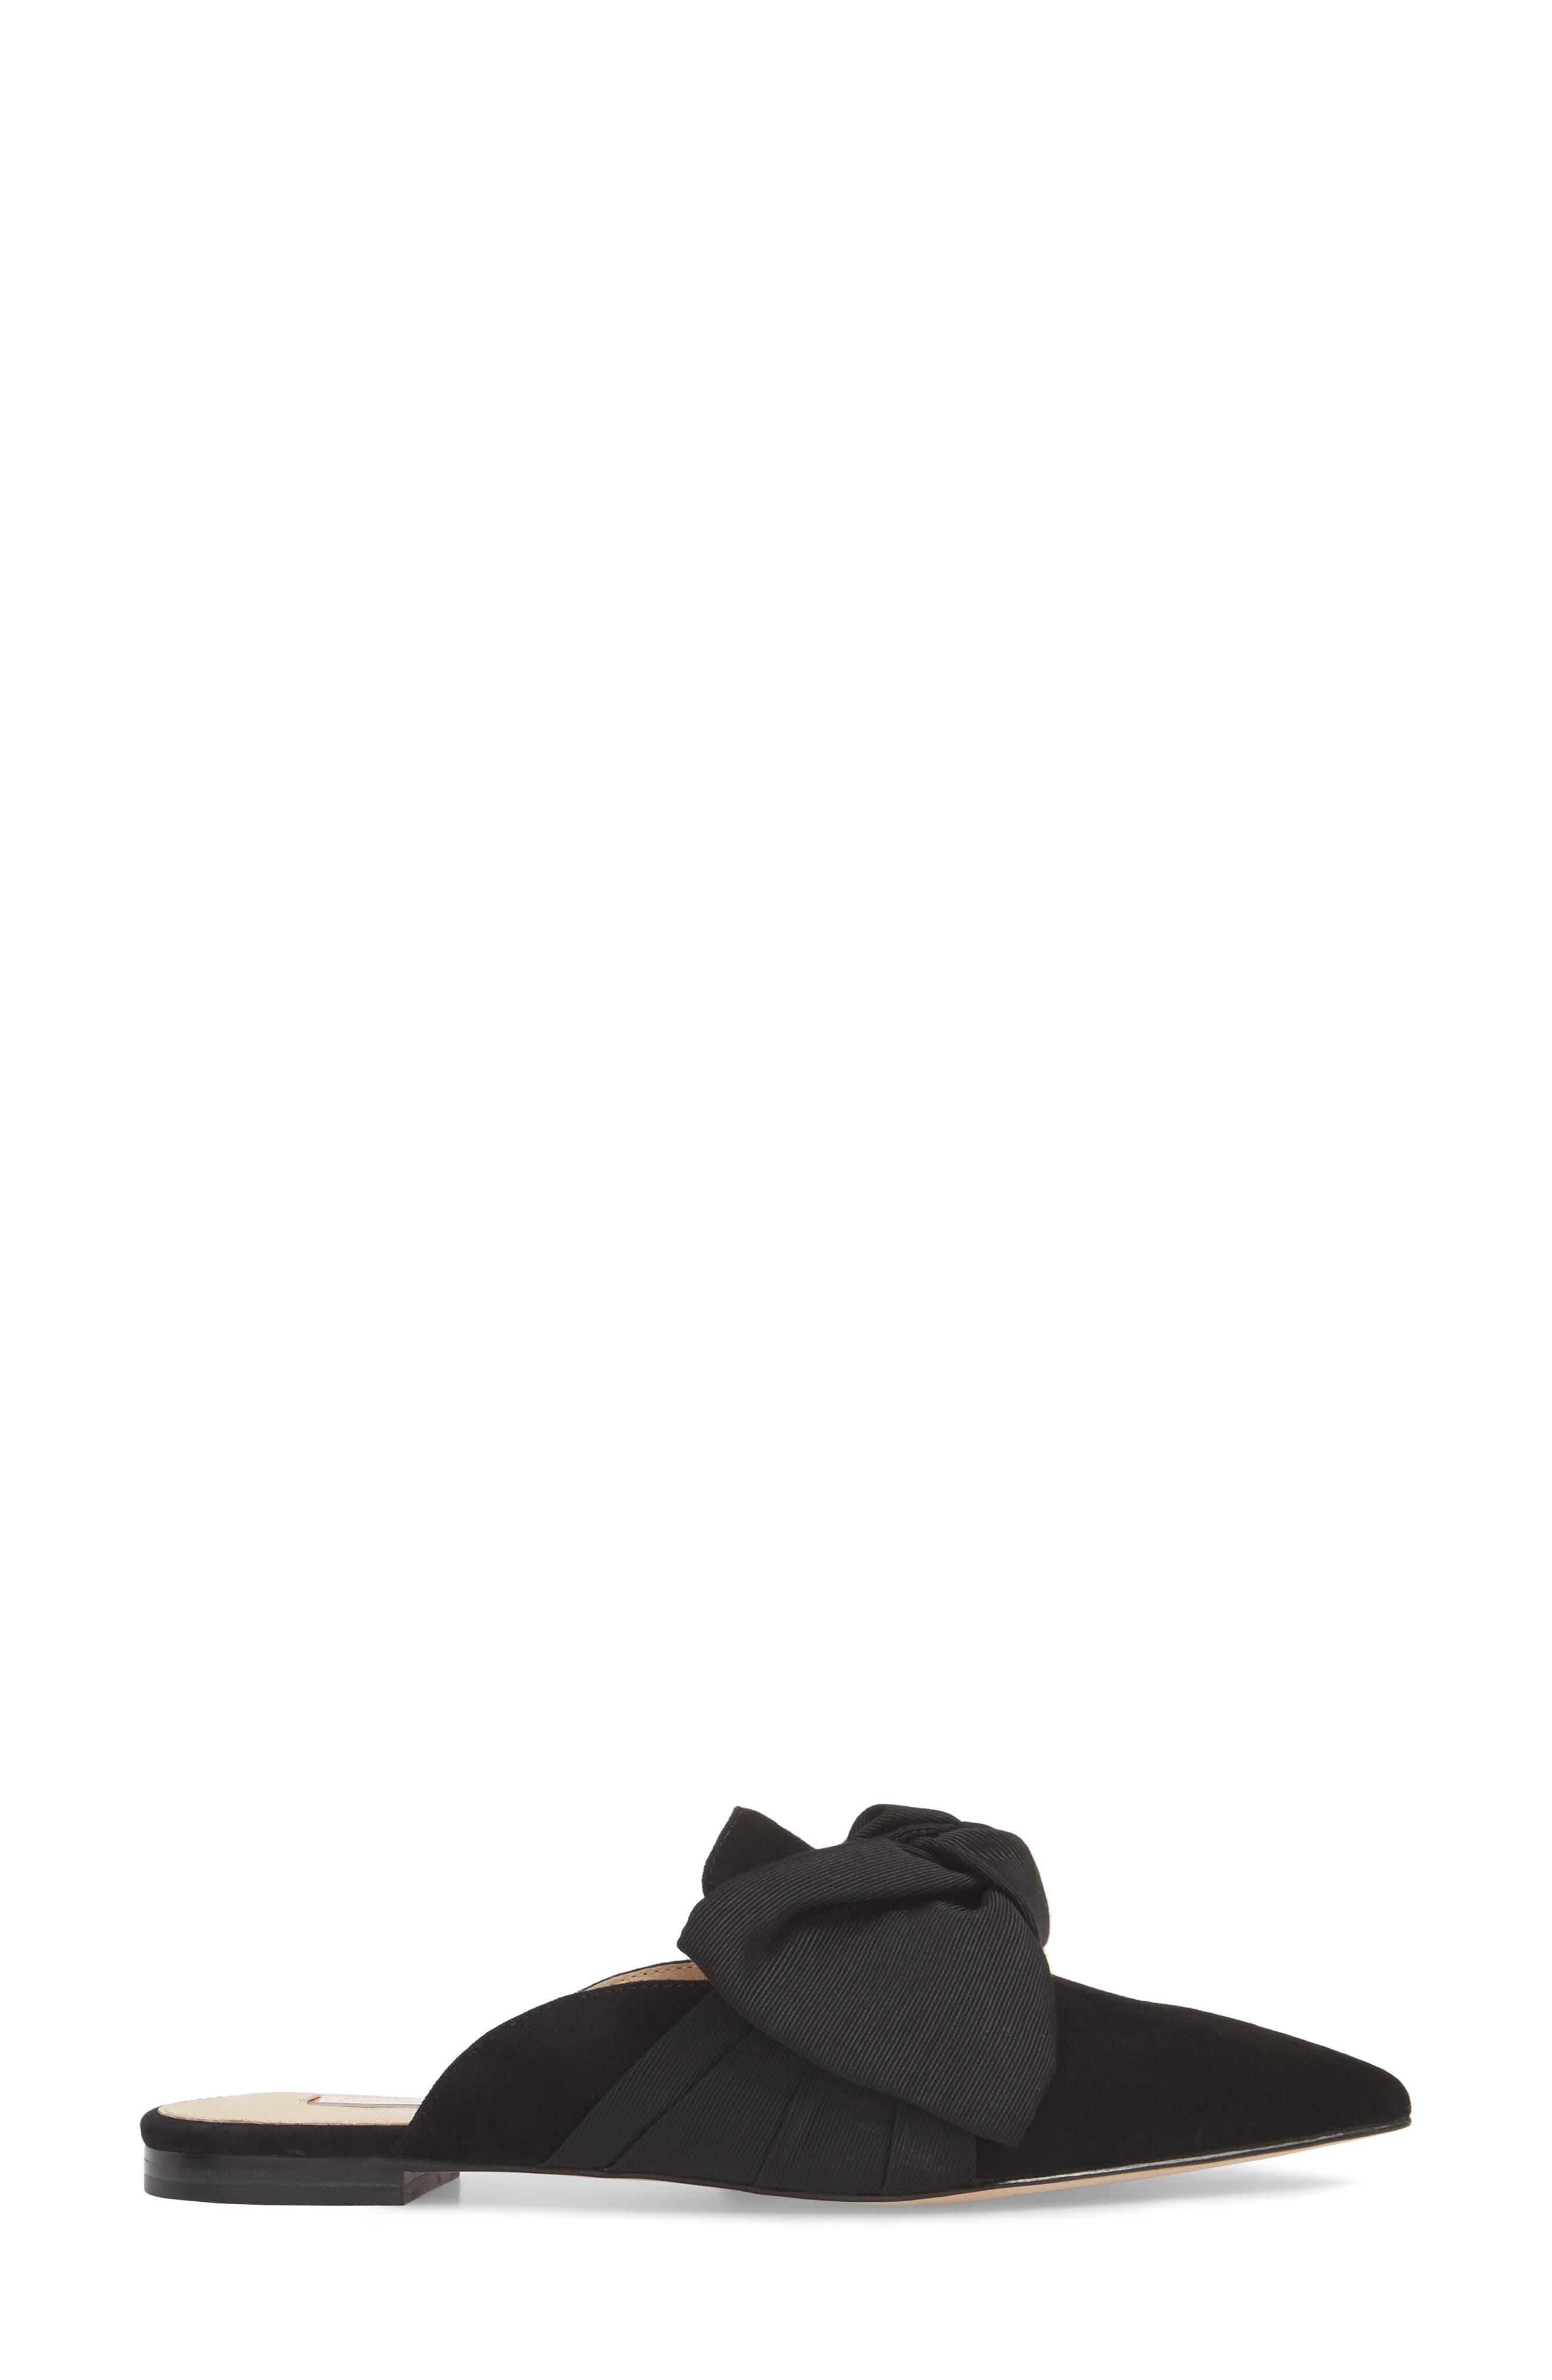 Cela Bow Mule,                             Alternate thumbnail 3, color,                             BLACK SUEDE